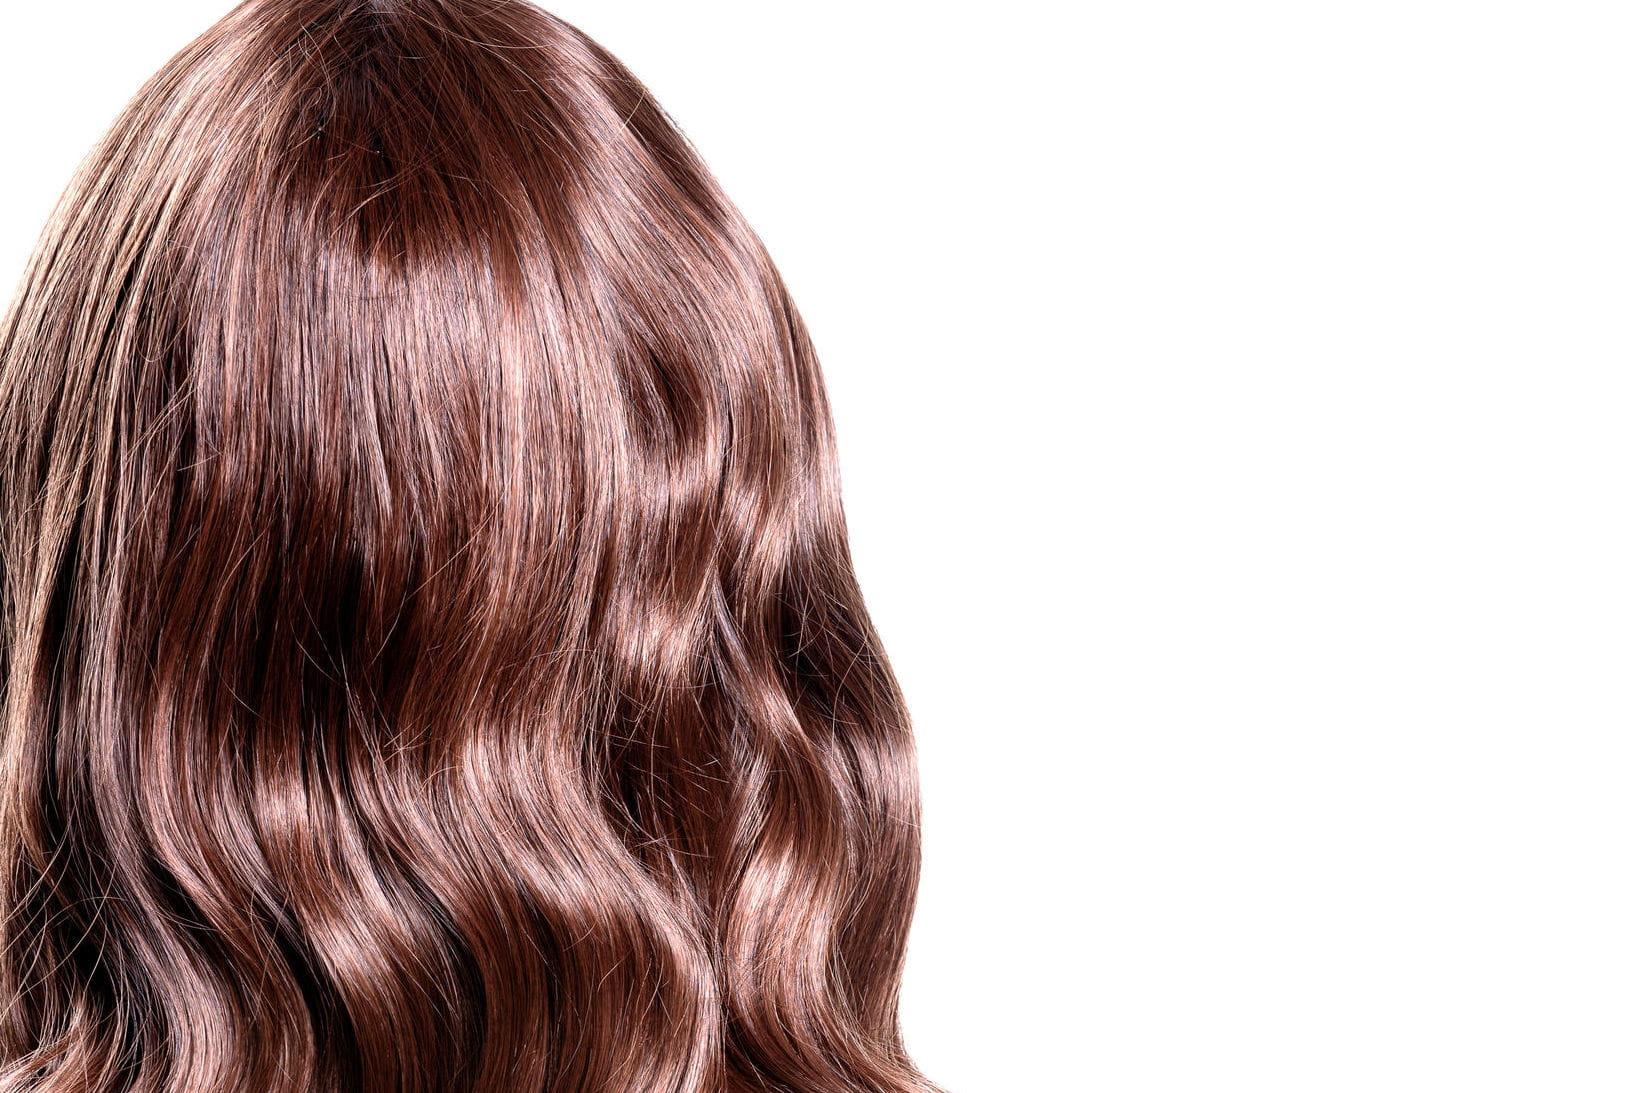 comment soigner ses cheveux ondul s journal des femmes. Black Bedroom Furniture Sets. Home Design Ideas